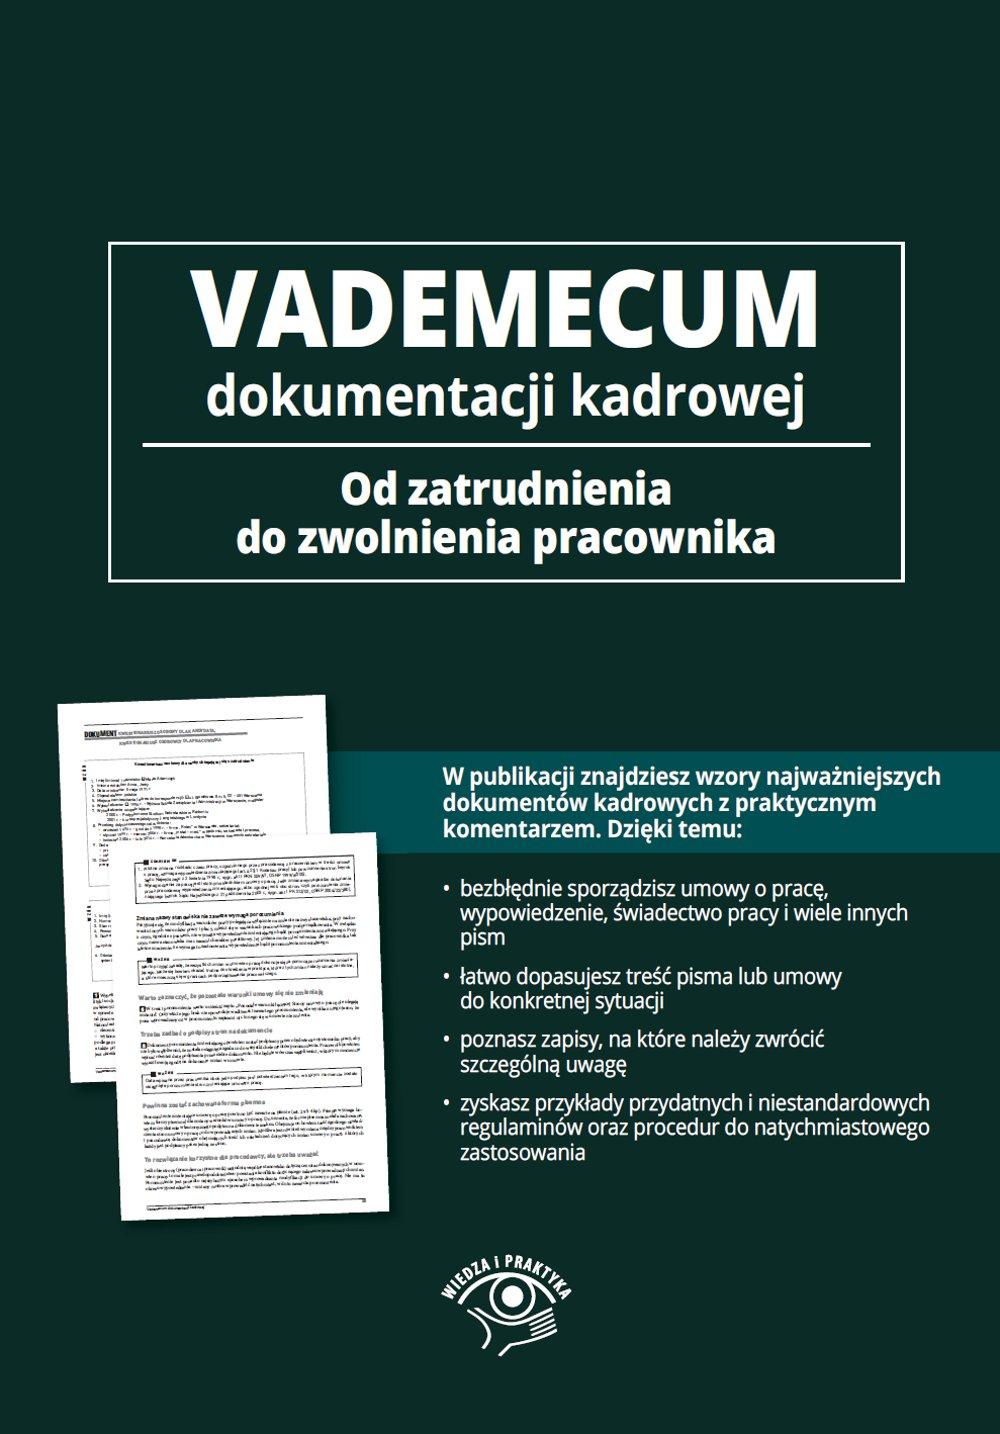 Vademecum dokumentacji kadrowej - od zatrudnienia do zwolnienia pracownika - Ebook (Książka na Kindle) do pobrania w formacie MOBI